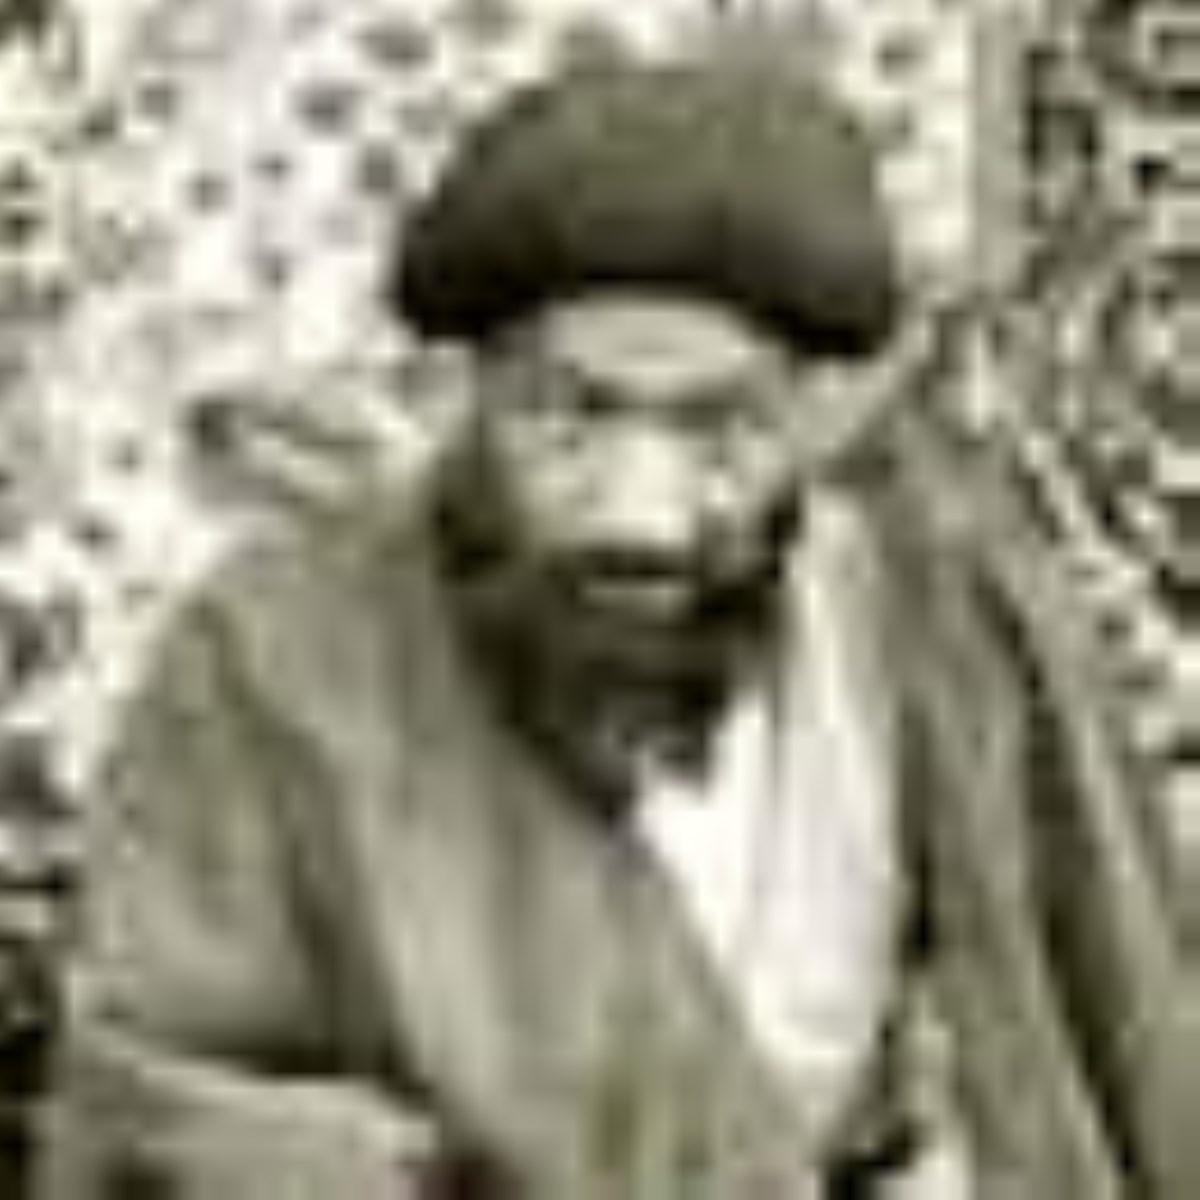 زندگينامه علامه سيد محمد باقر درچه ای